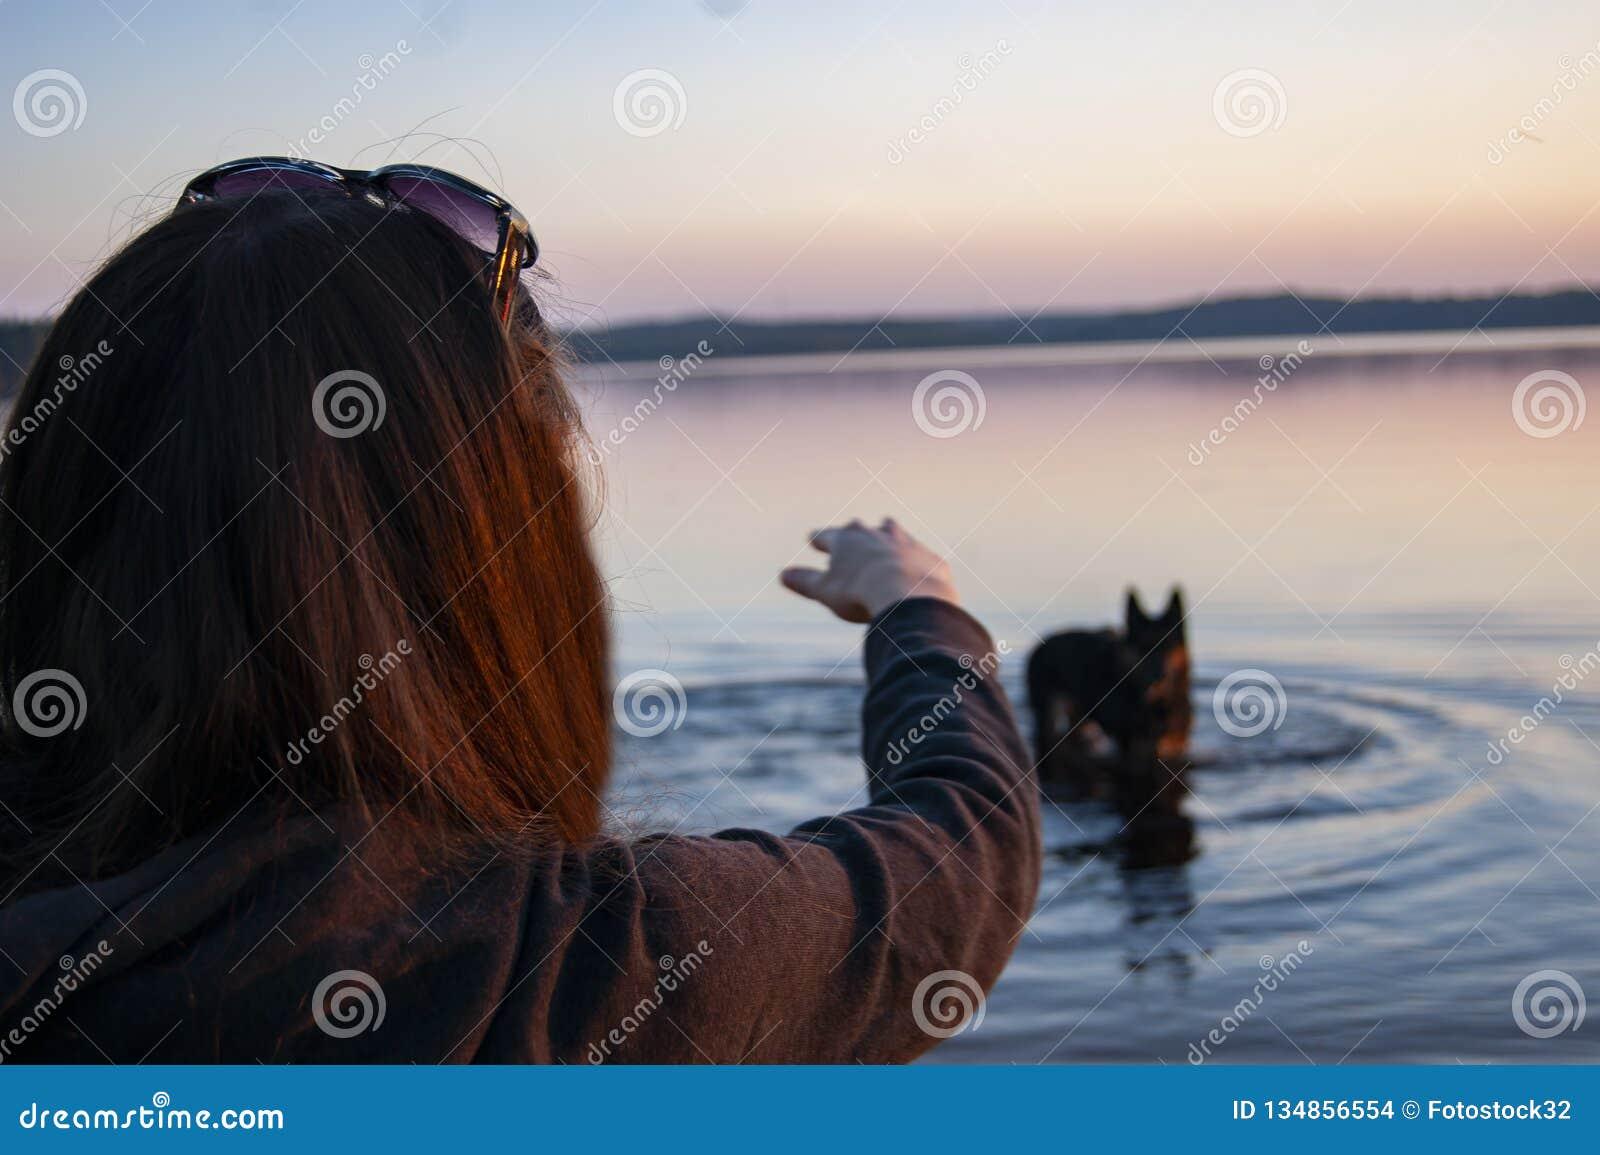 La fille sur le lac jouant avec un chien